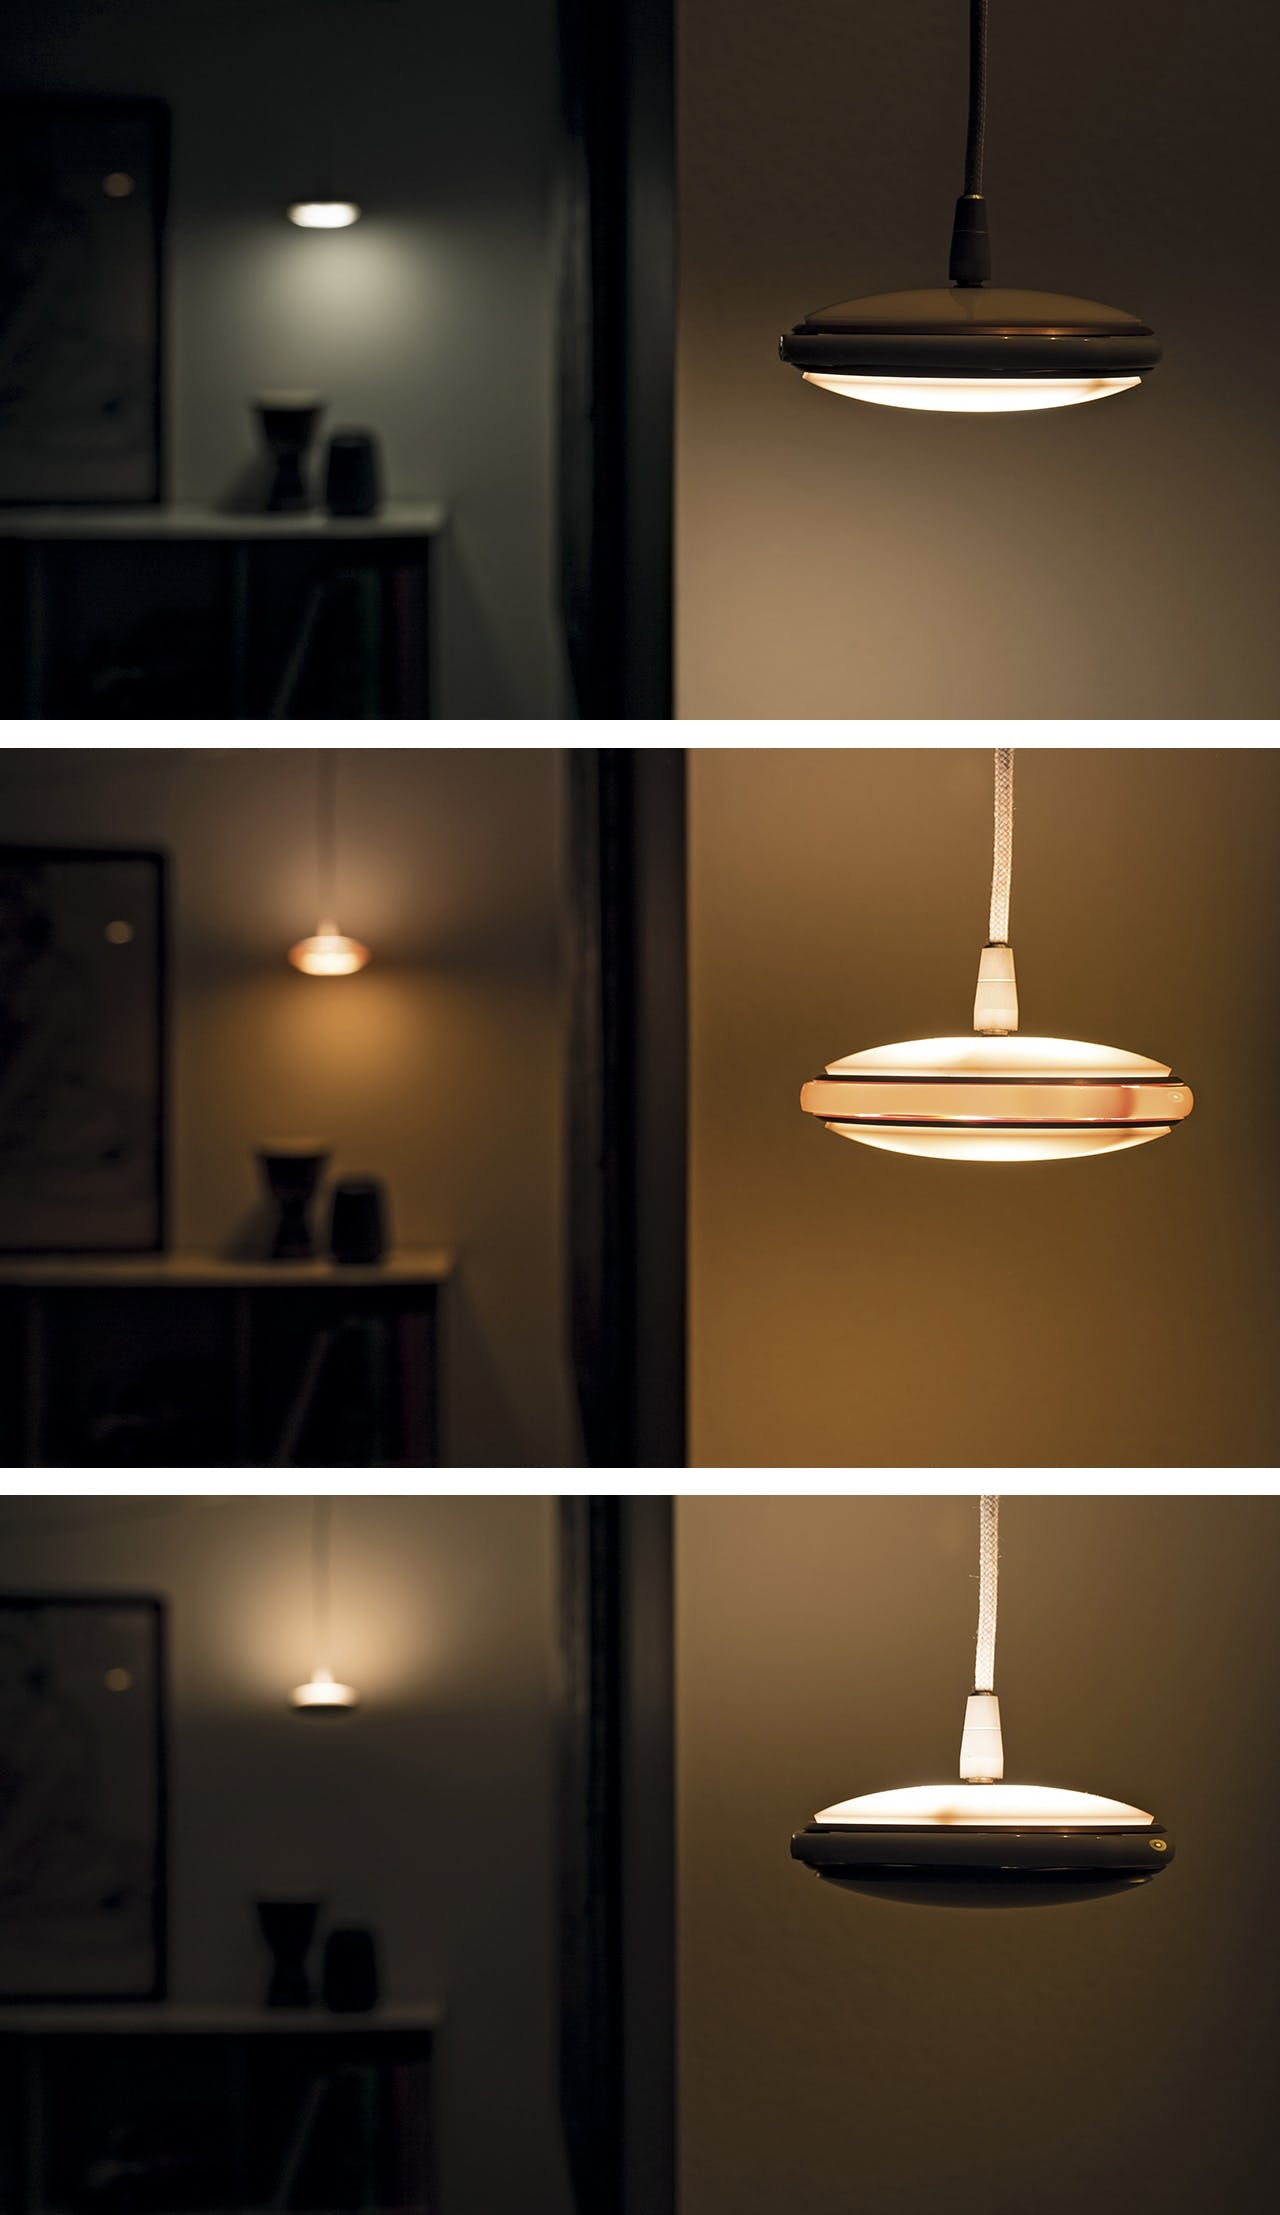 b&o højtalere bang og olufsen the orb lampe